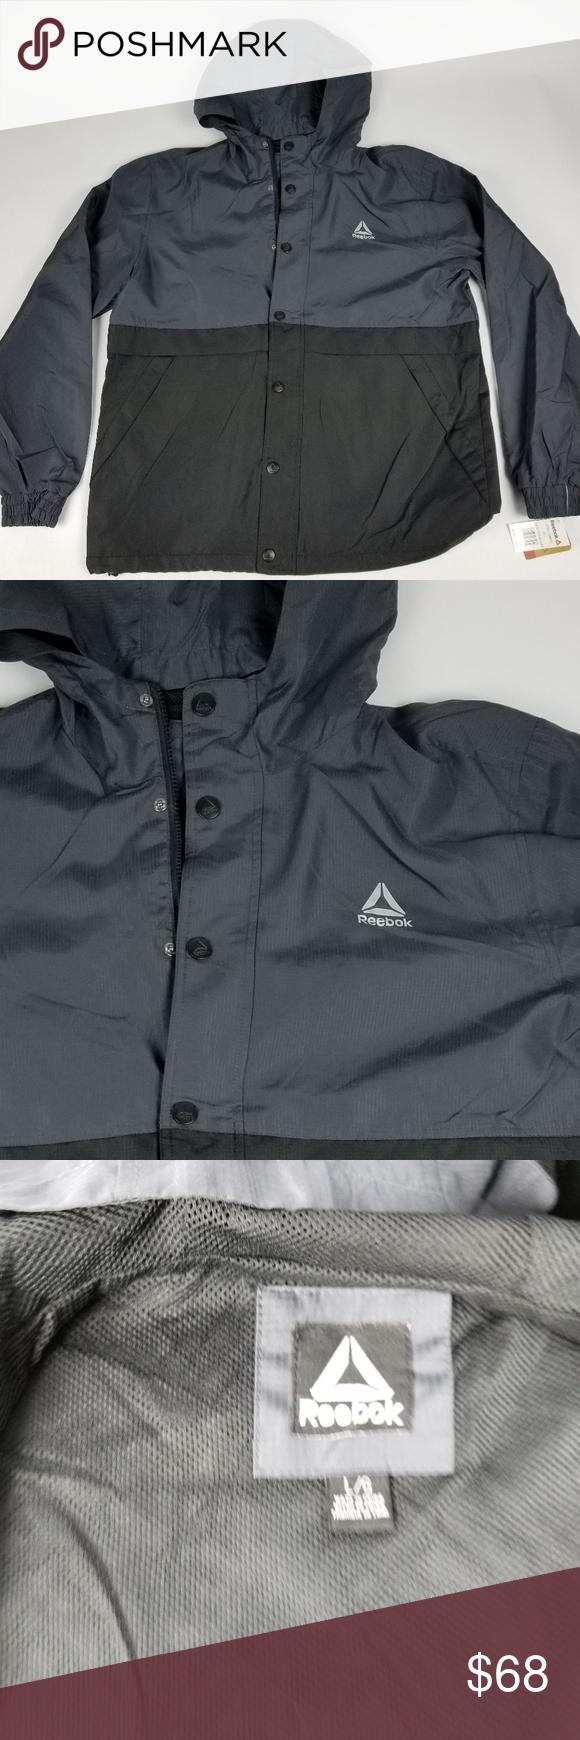 Reebok Men S Ombre Jacket Nwt Size Large Ombre Jackets Jackets Reebok [ 1740 x 580 Pixel ]